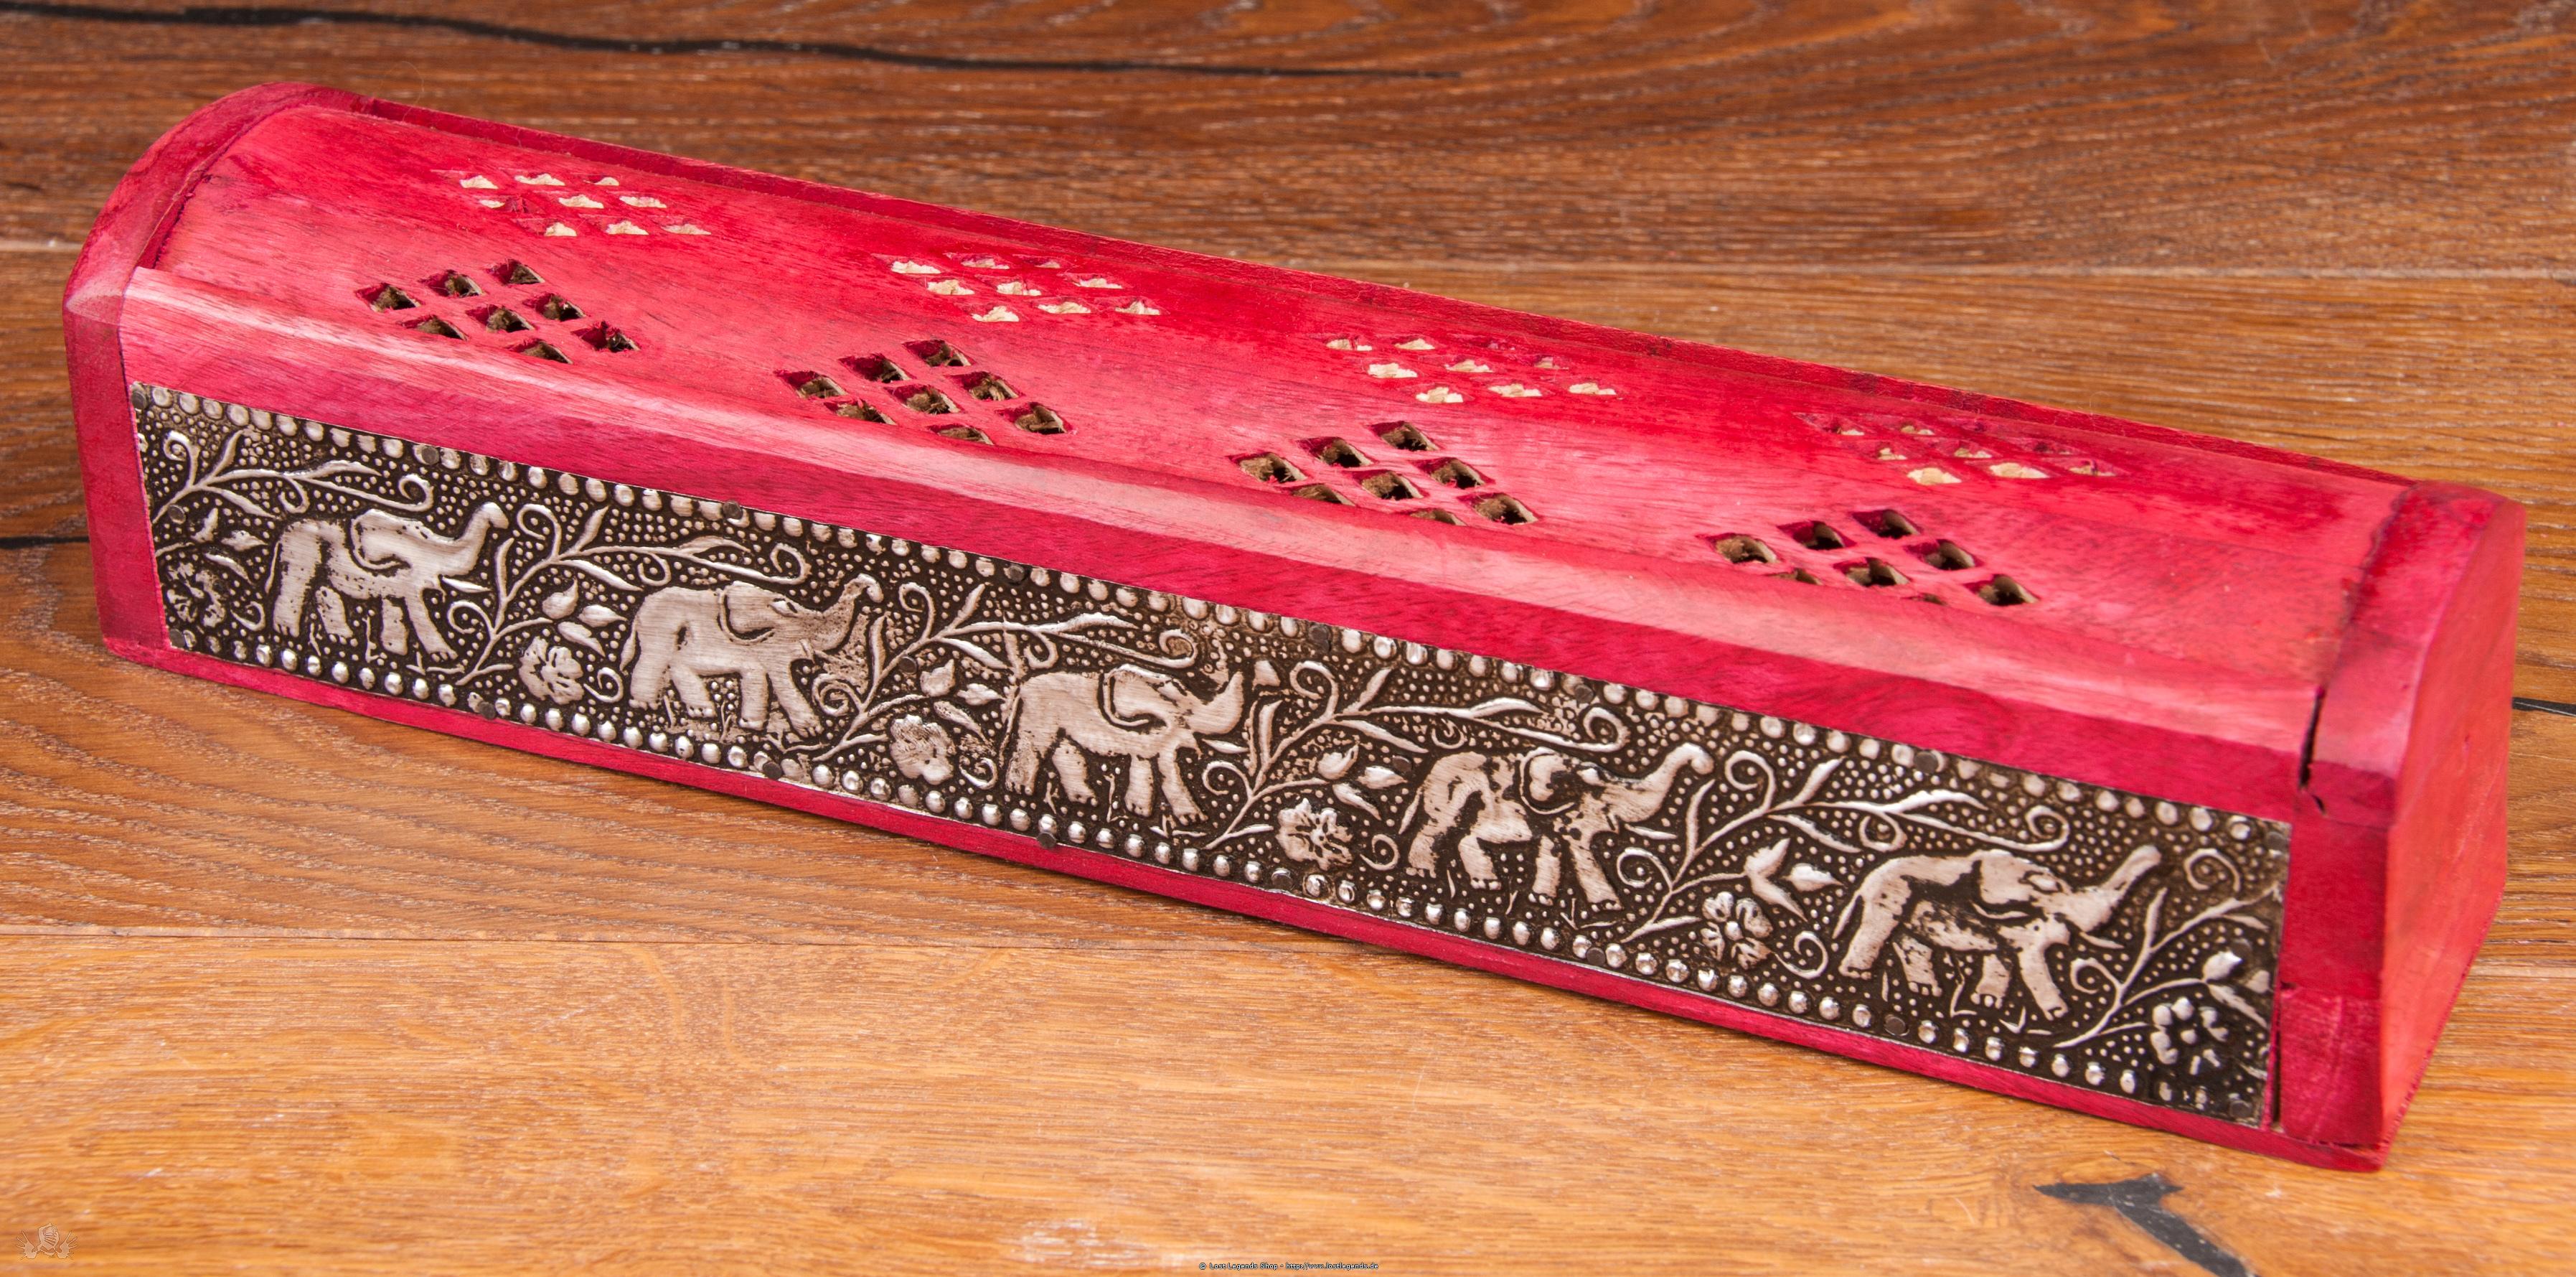 Räucherbox Elefant Mangoholz